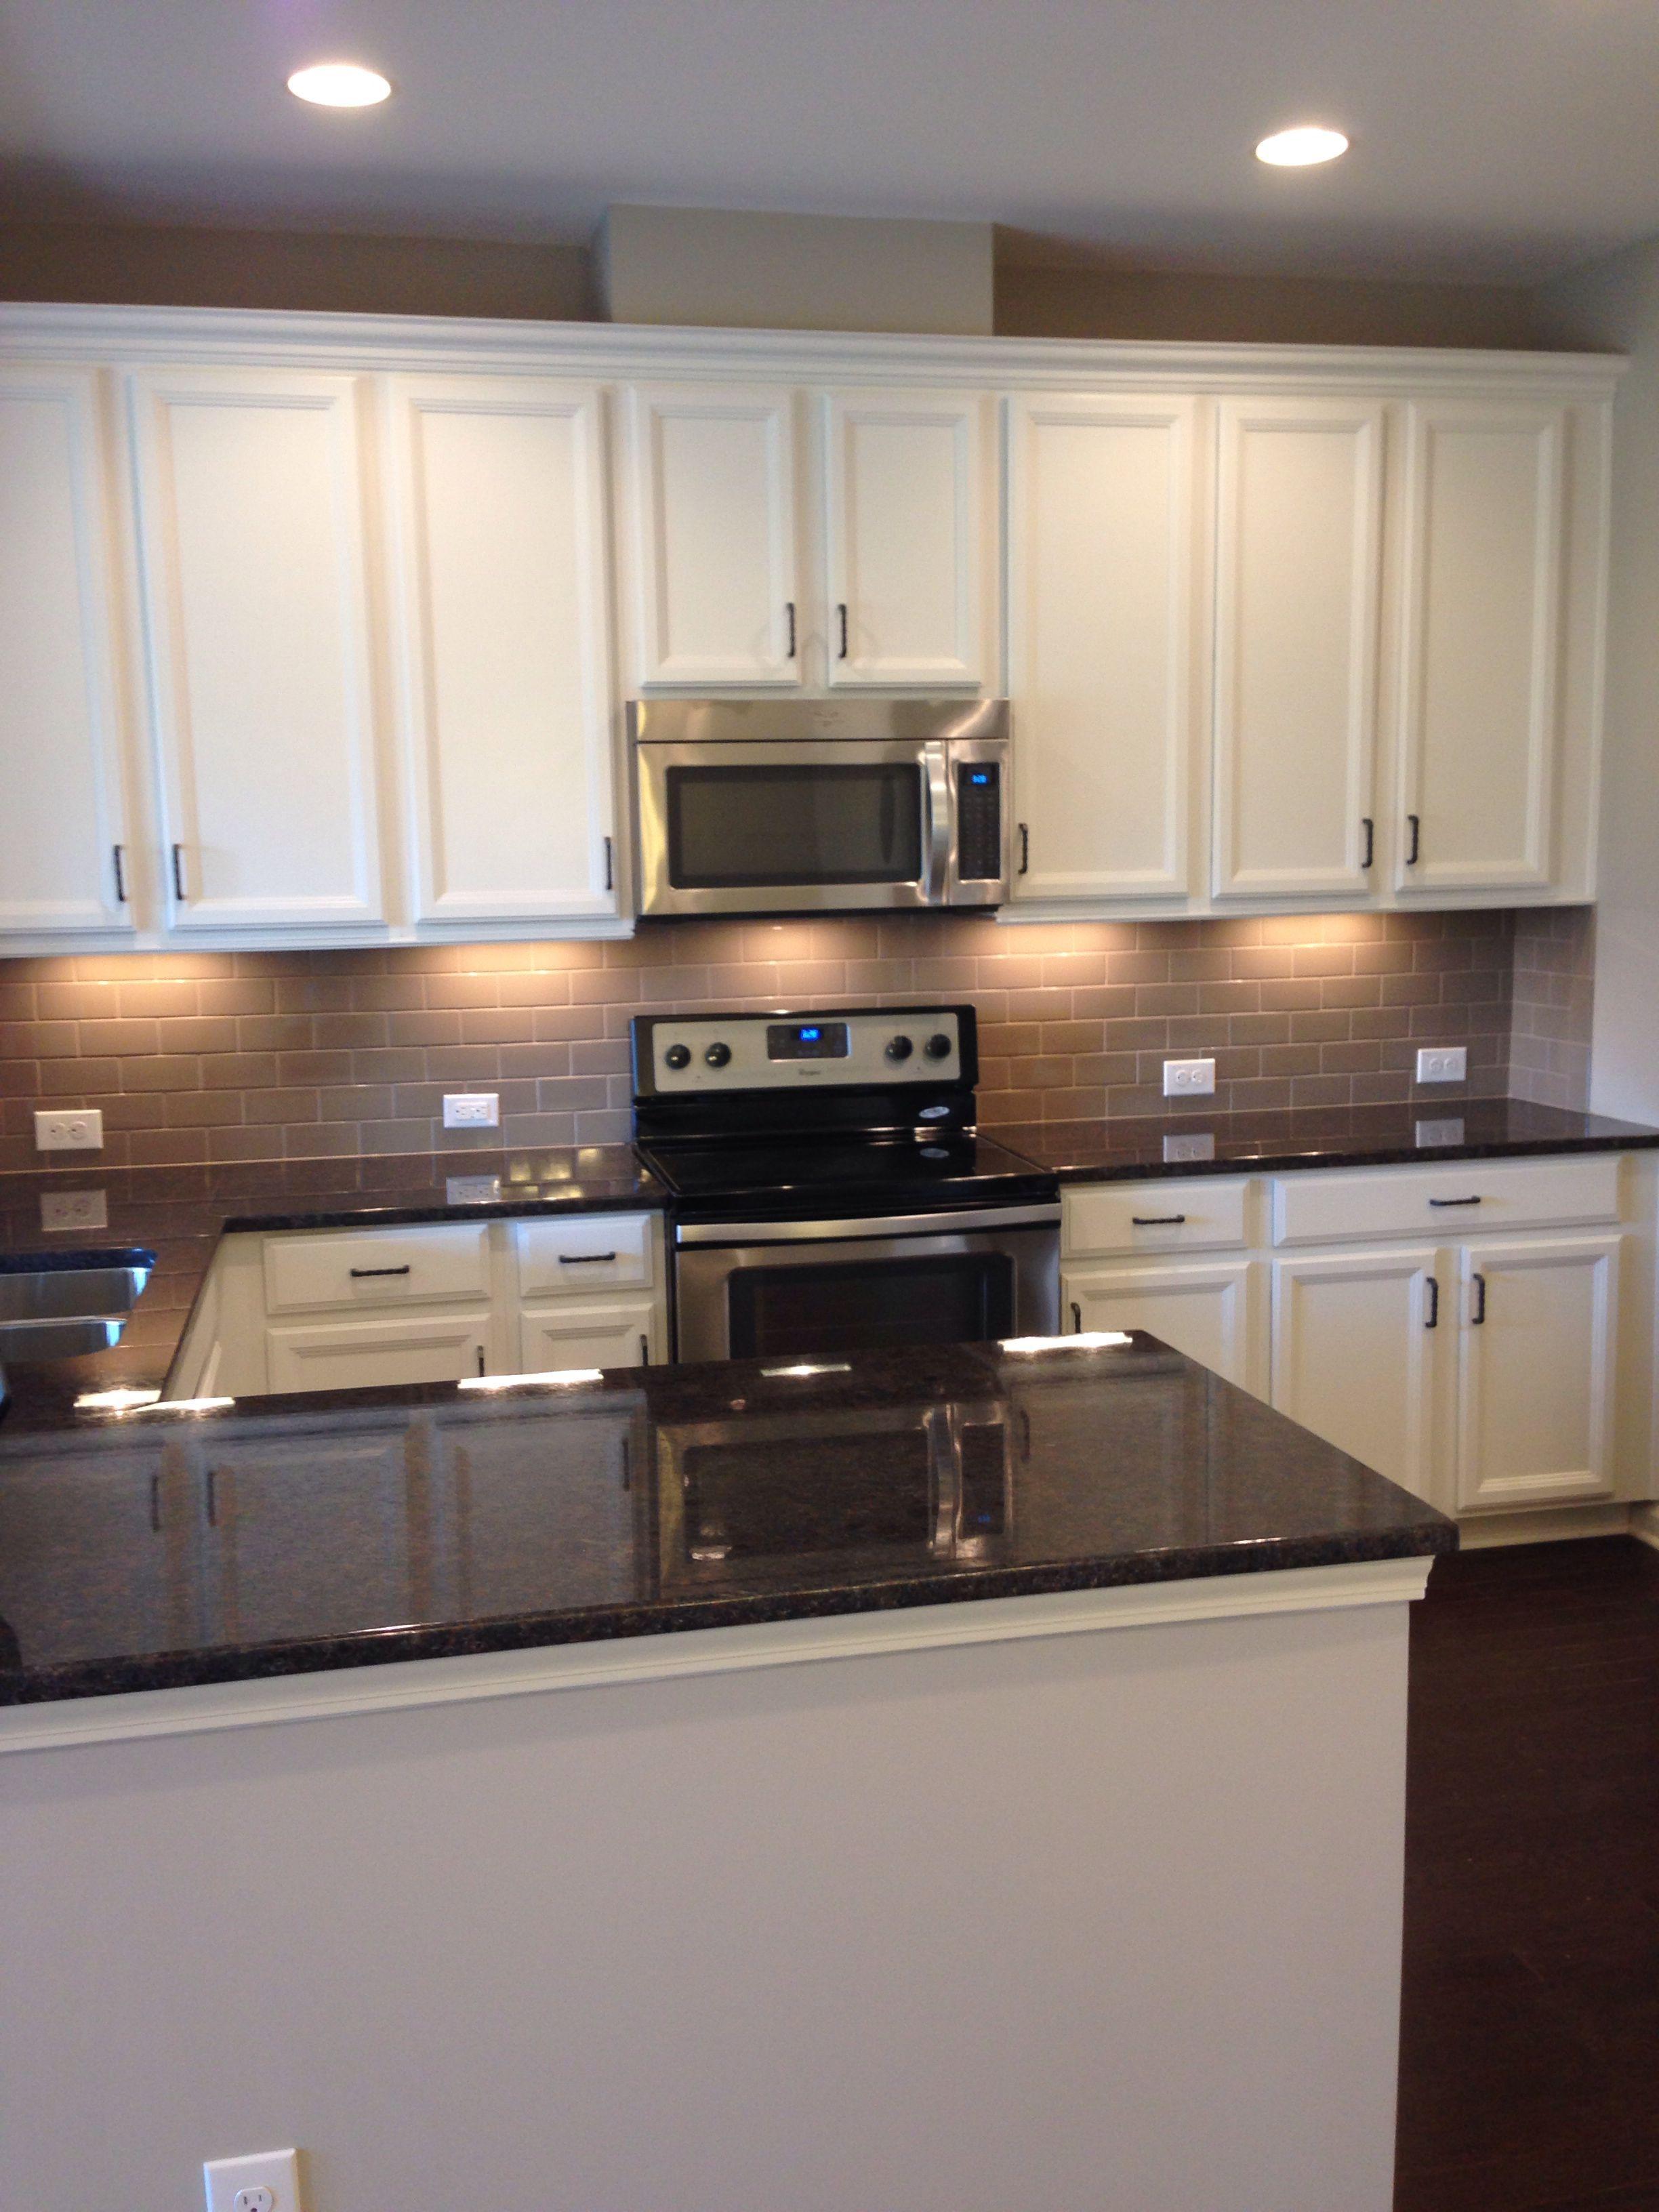 Image result for white appliances, white dark